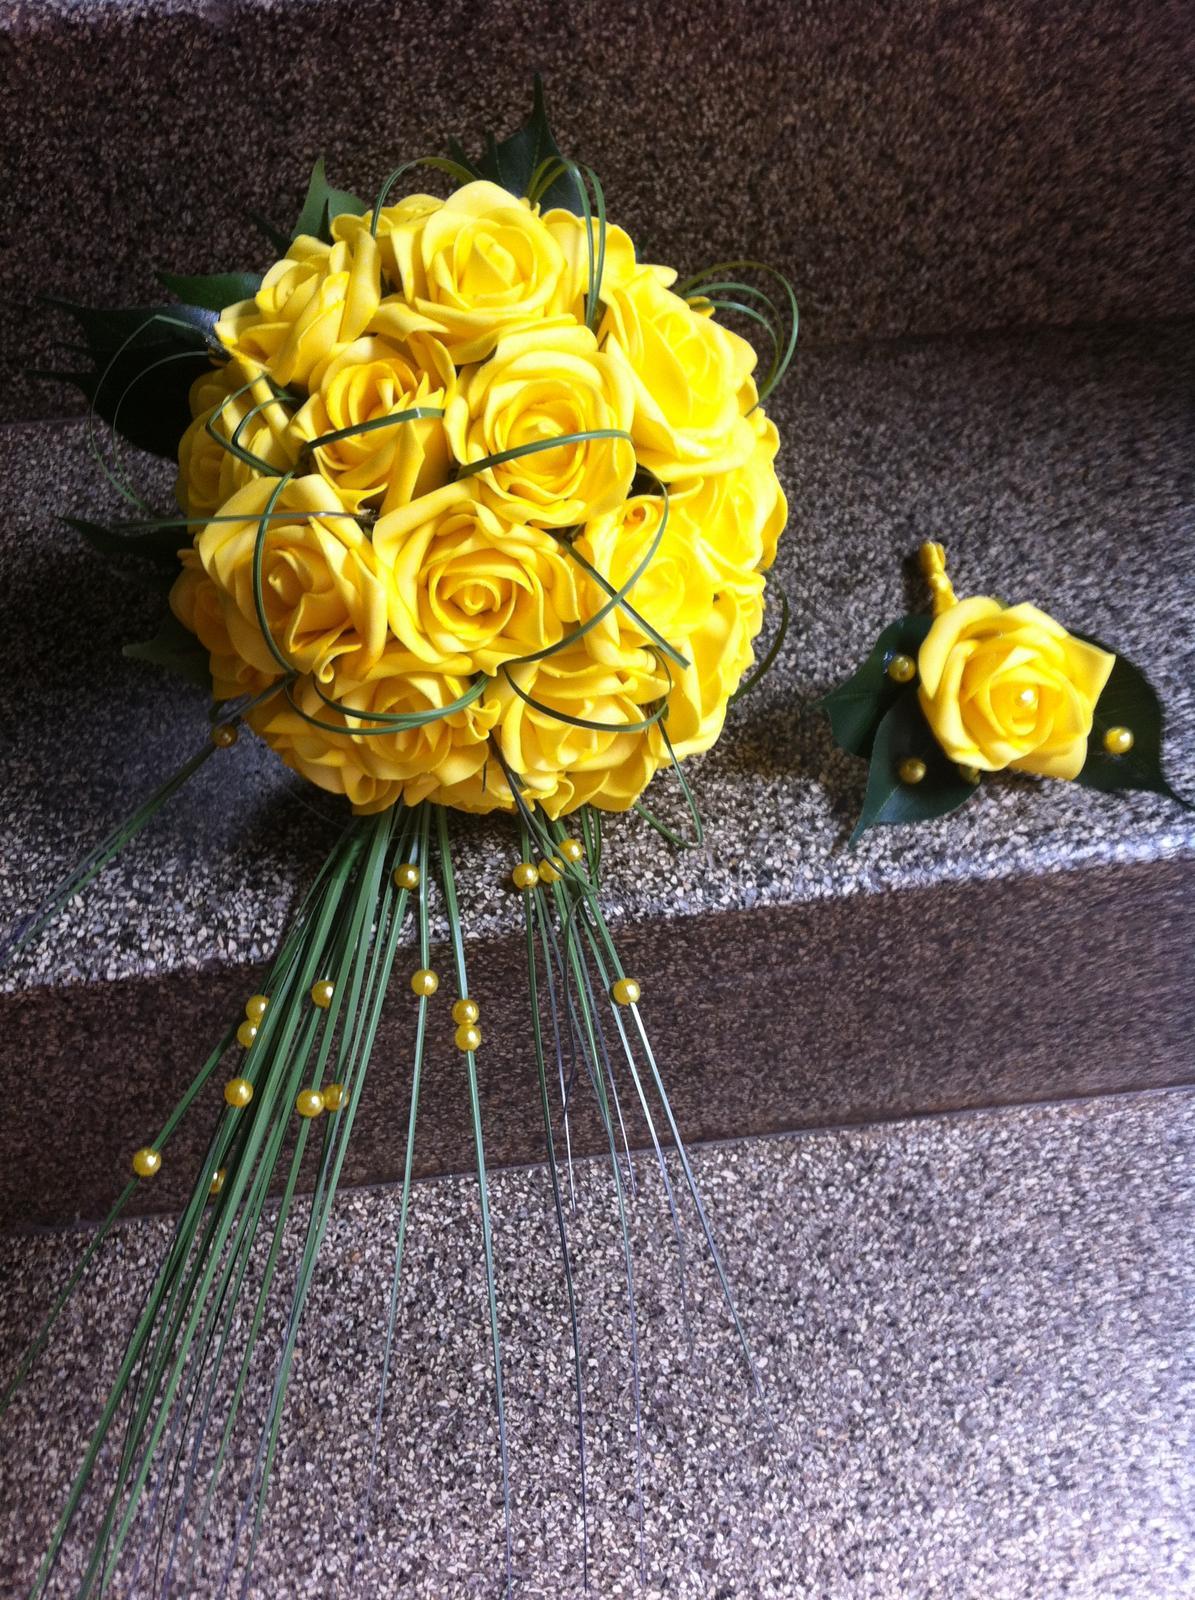 Netradiční svatební kytice - pěnové růžičky + polštářky pod prstýnky, košíčky - Obrázek č. 72